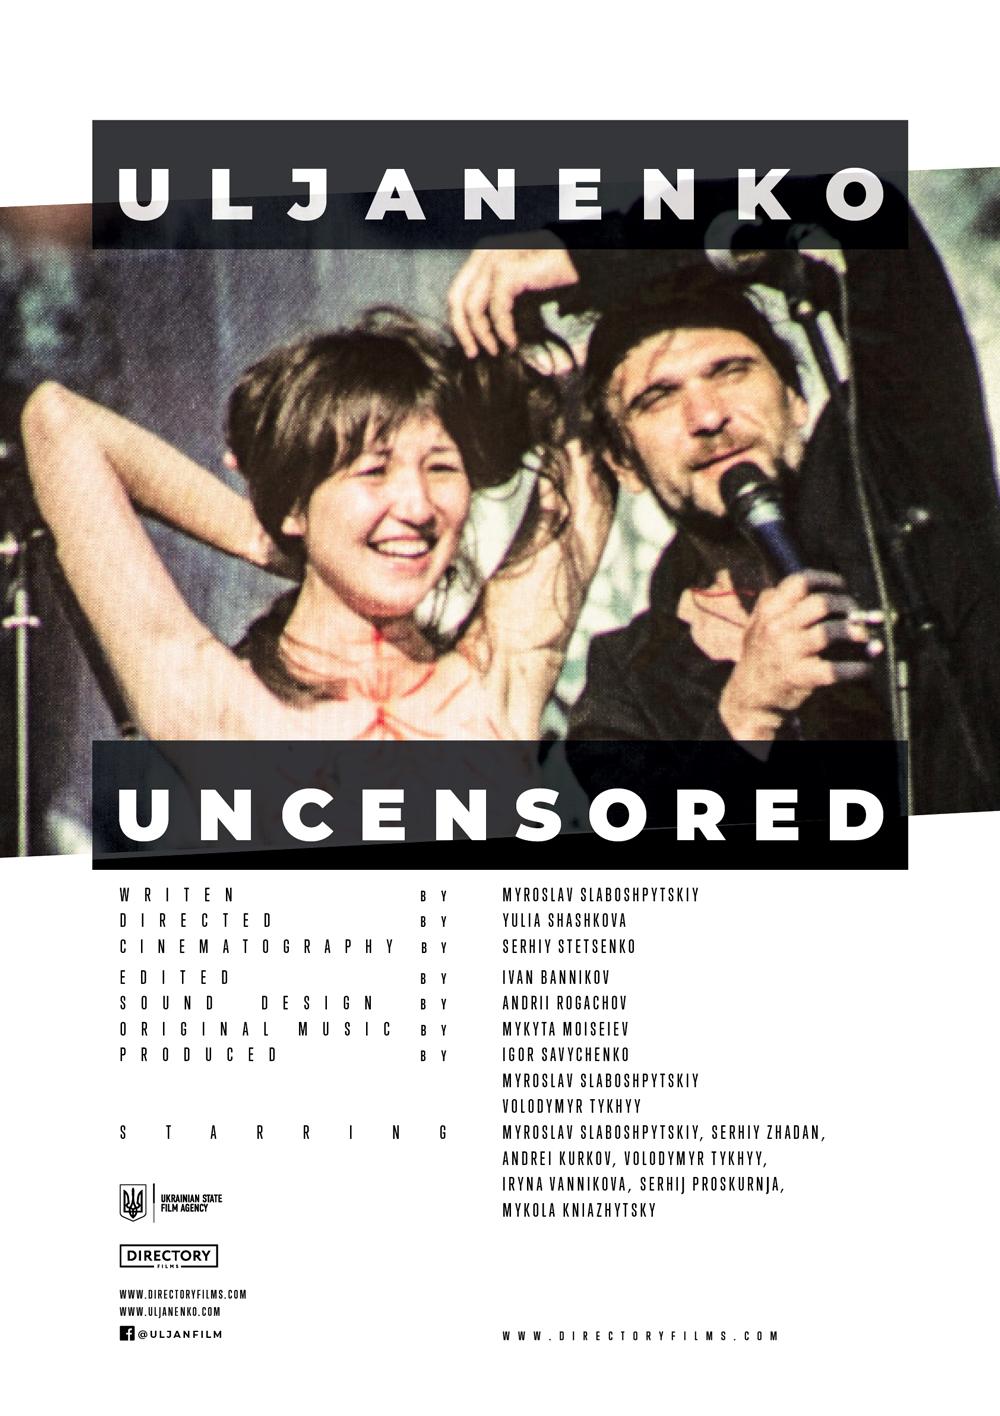 Uljanenko_uncensored-594×841-EN